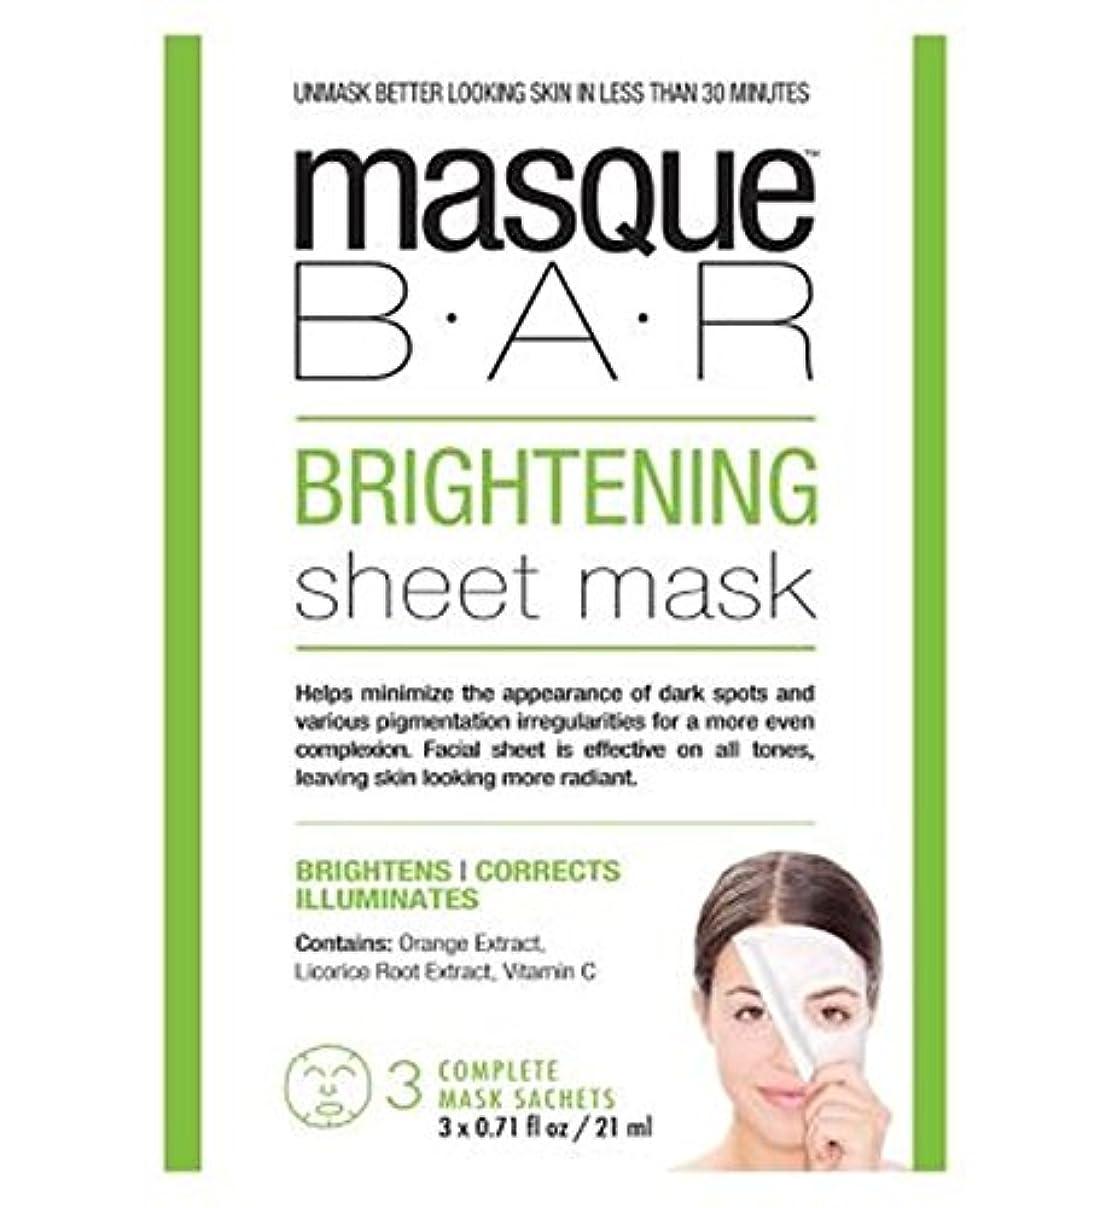 色剃るパターン仮面劇バー光沢シートマスク - 3S (P6B Masque Bar Bt) (x2) - Masque Bar Brightening Sheet Mask - 3s (Pack of 2) [並行輸入品]